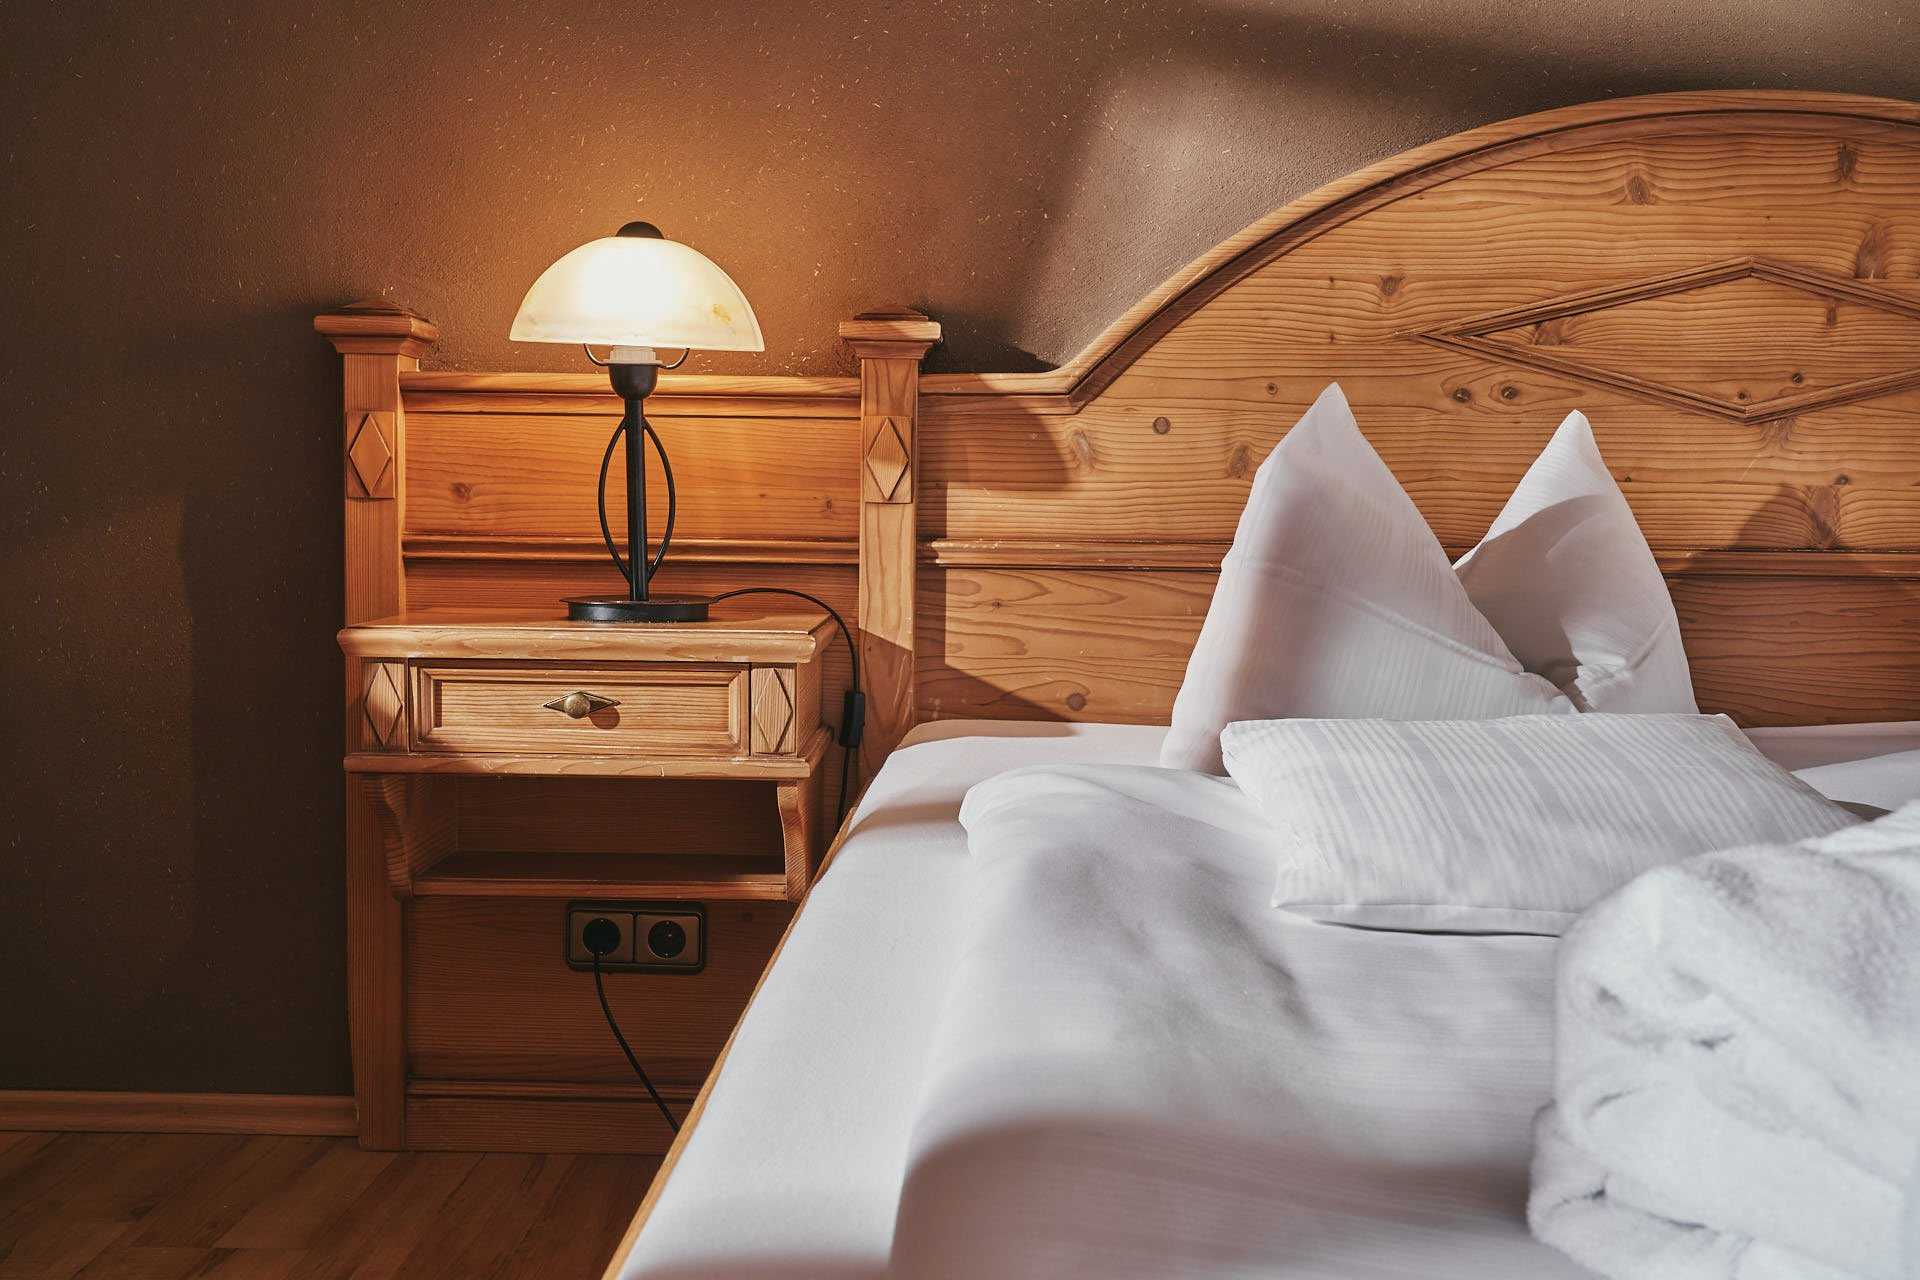 4 Sterne Wellnesshotel mit romantischen Zimmern